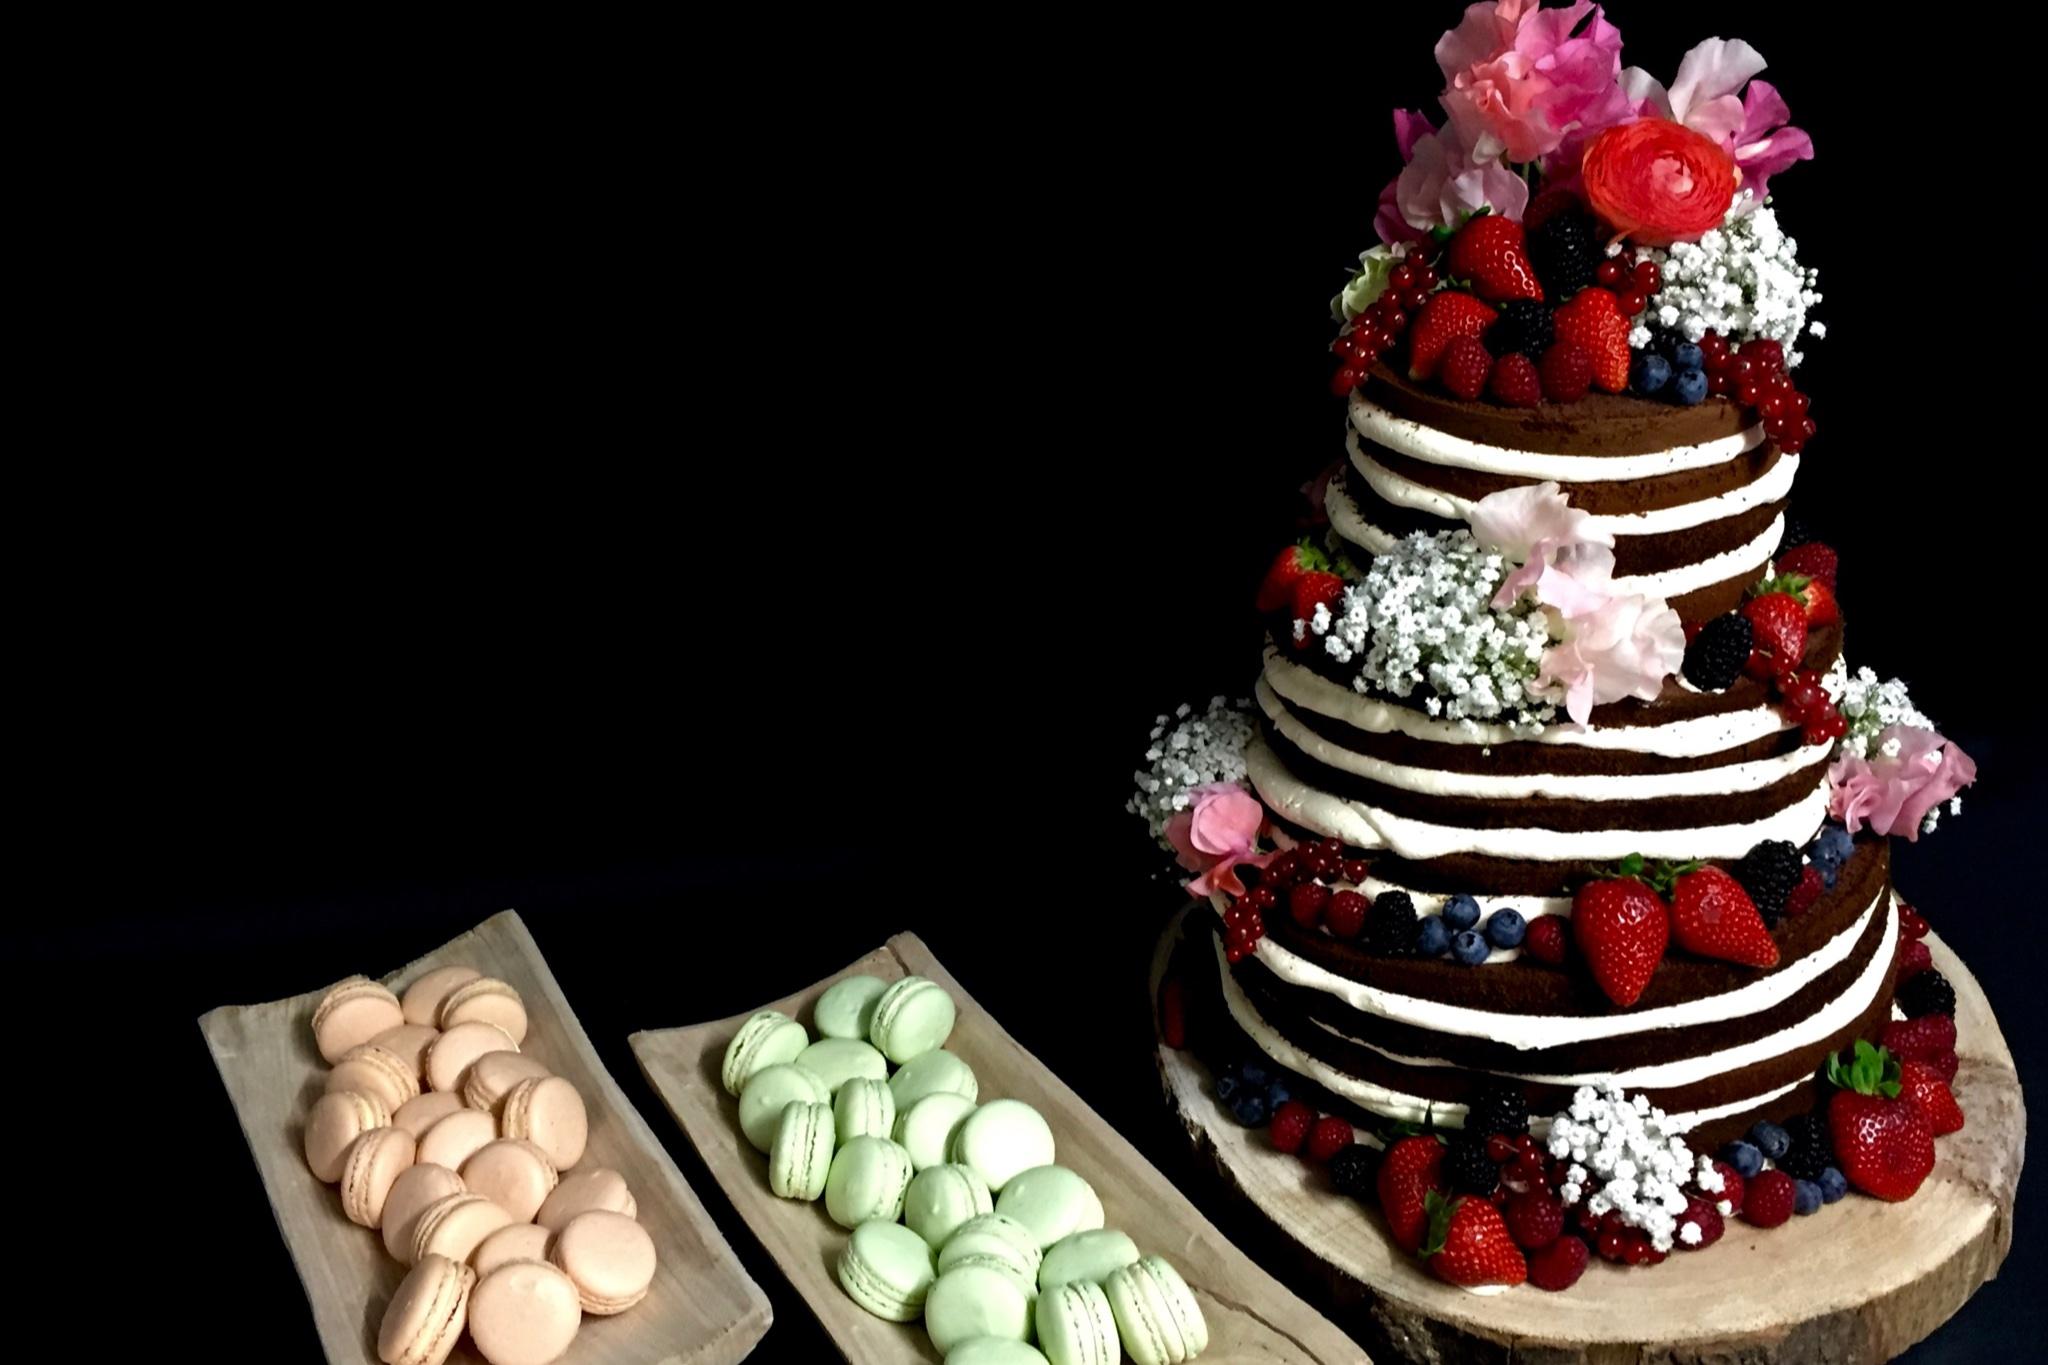 Fantastische Hochzeitstorten im Raum Aschaffenburg, Frankfurt, Darmstadt, Odenwald vom Profi